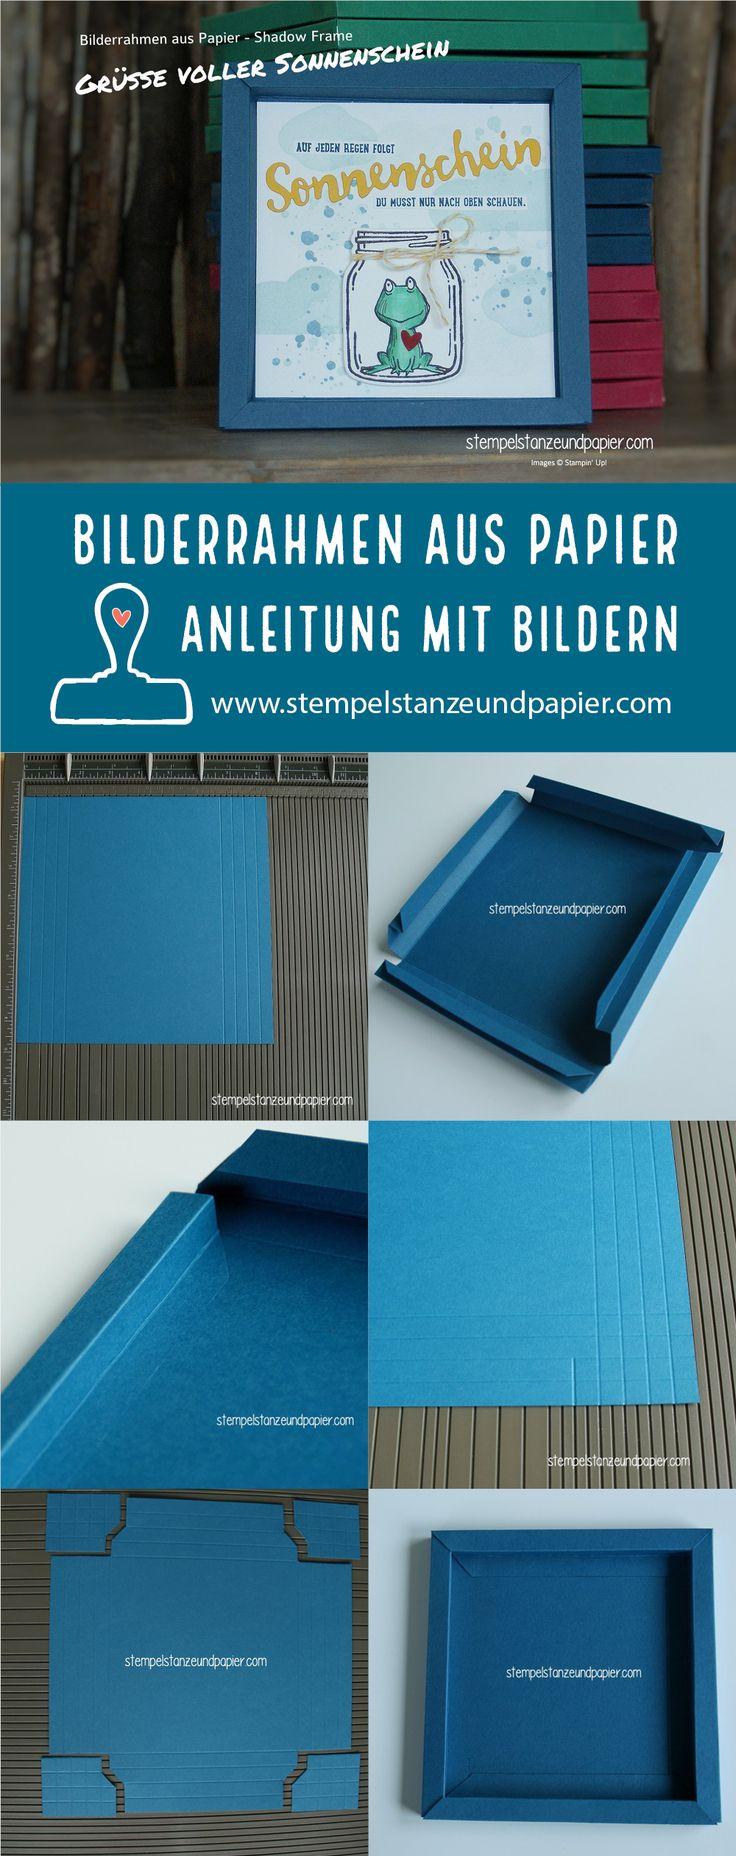 Anleitung für einen Bilderrahmen aus Papier